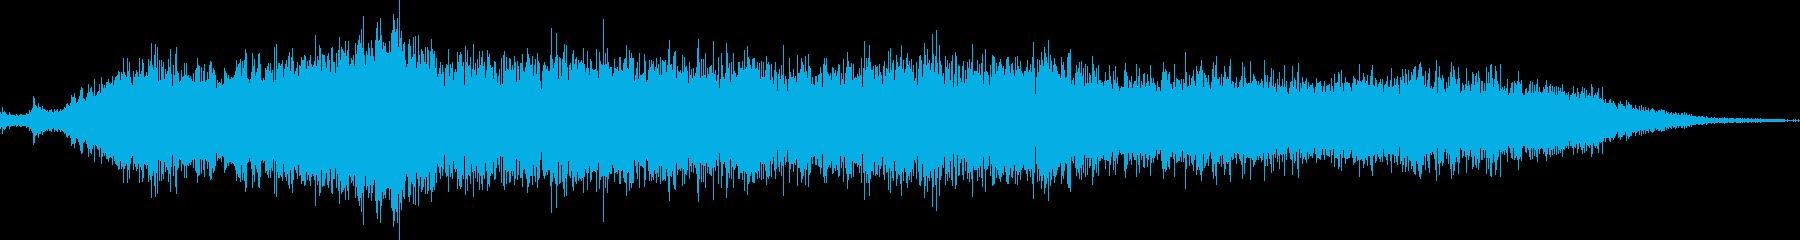 群衆ブー、うん、左と右、イントロ先生の再生済みの波形